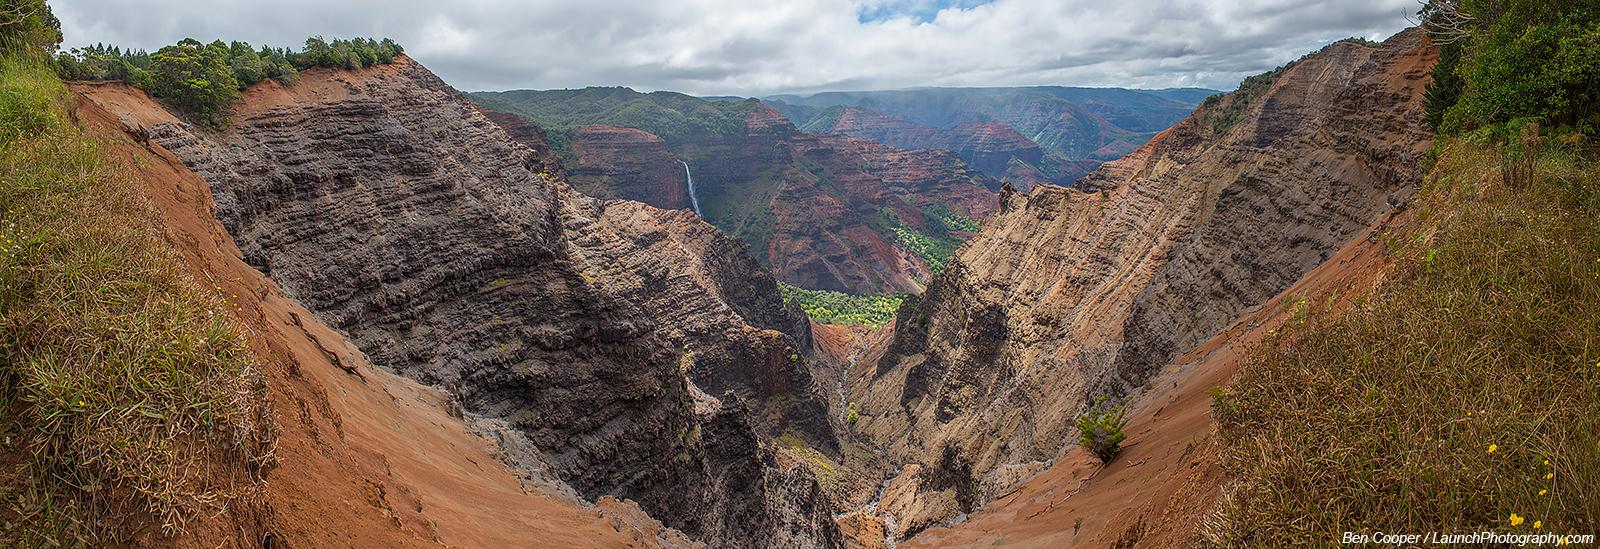 Hawaii >> Waimea Canyon panoramas, Kauai photos, Hawaii photography